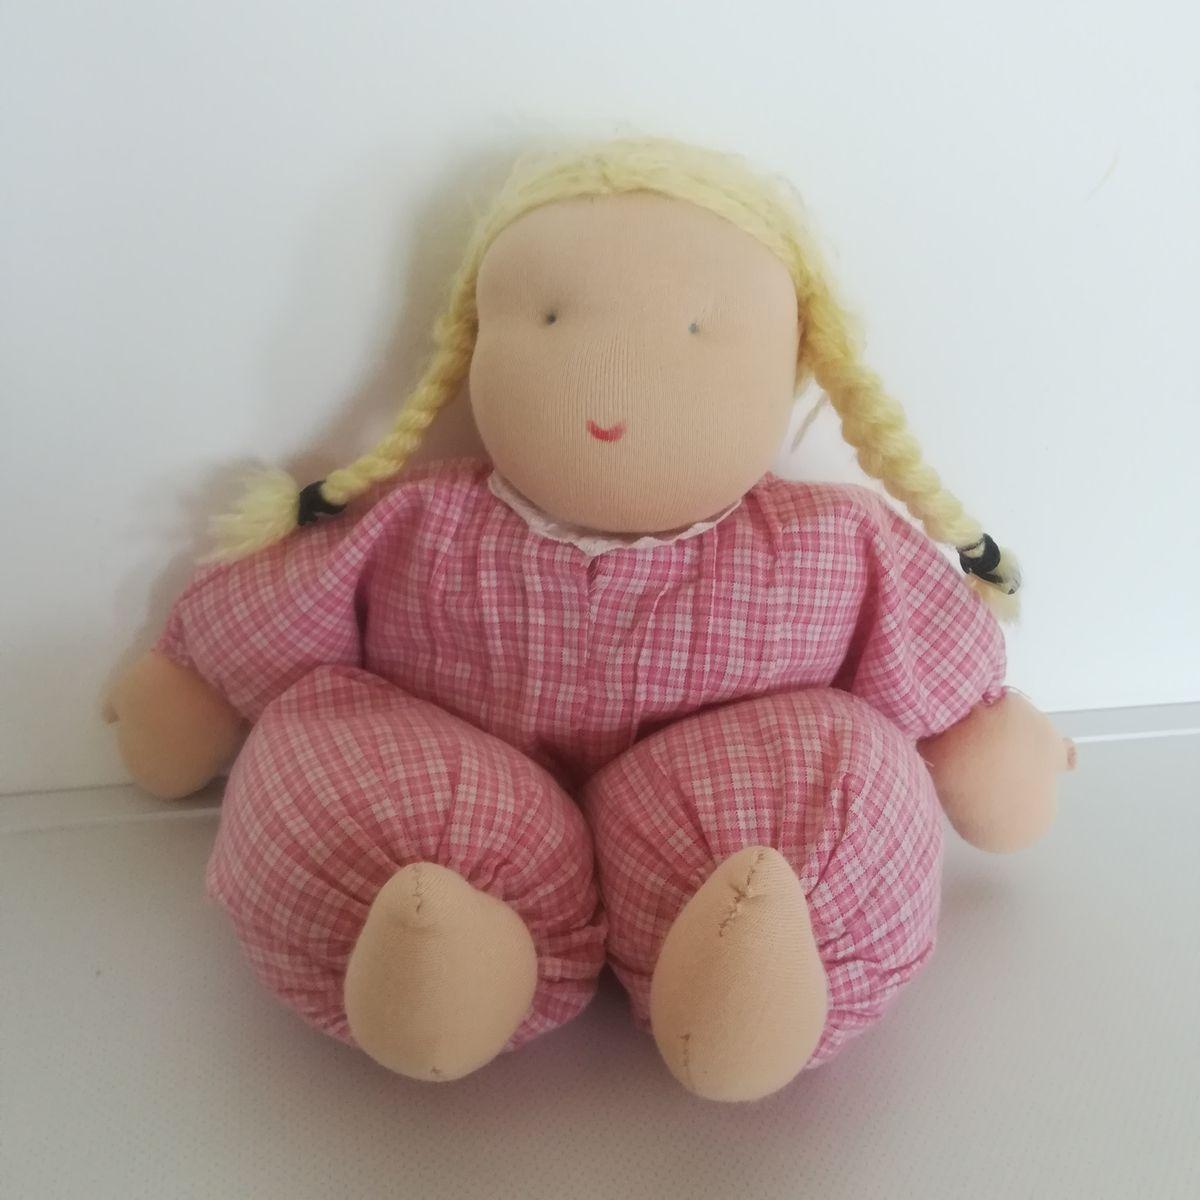 ... Kézműves Waldorf baba szőke hajjal rózsaszín ruhában ... f58c69c624